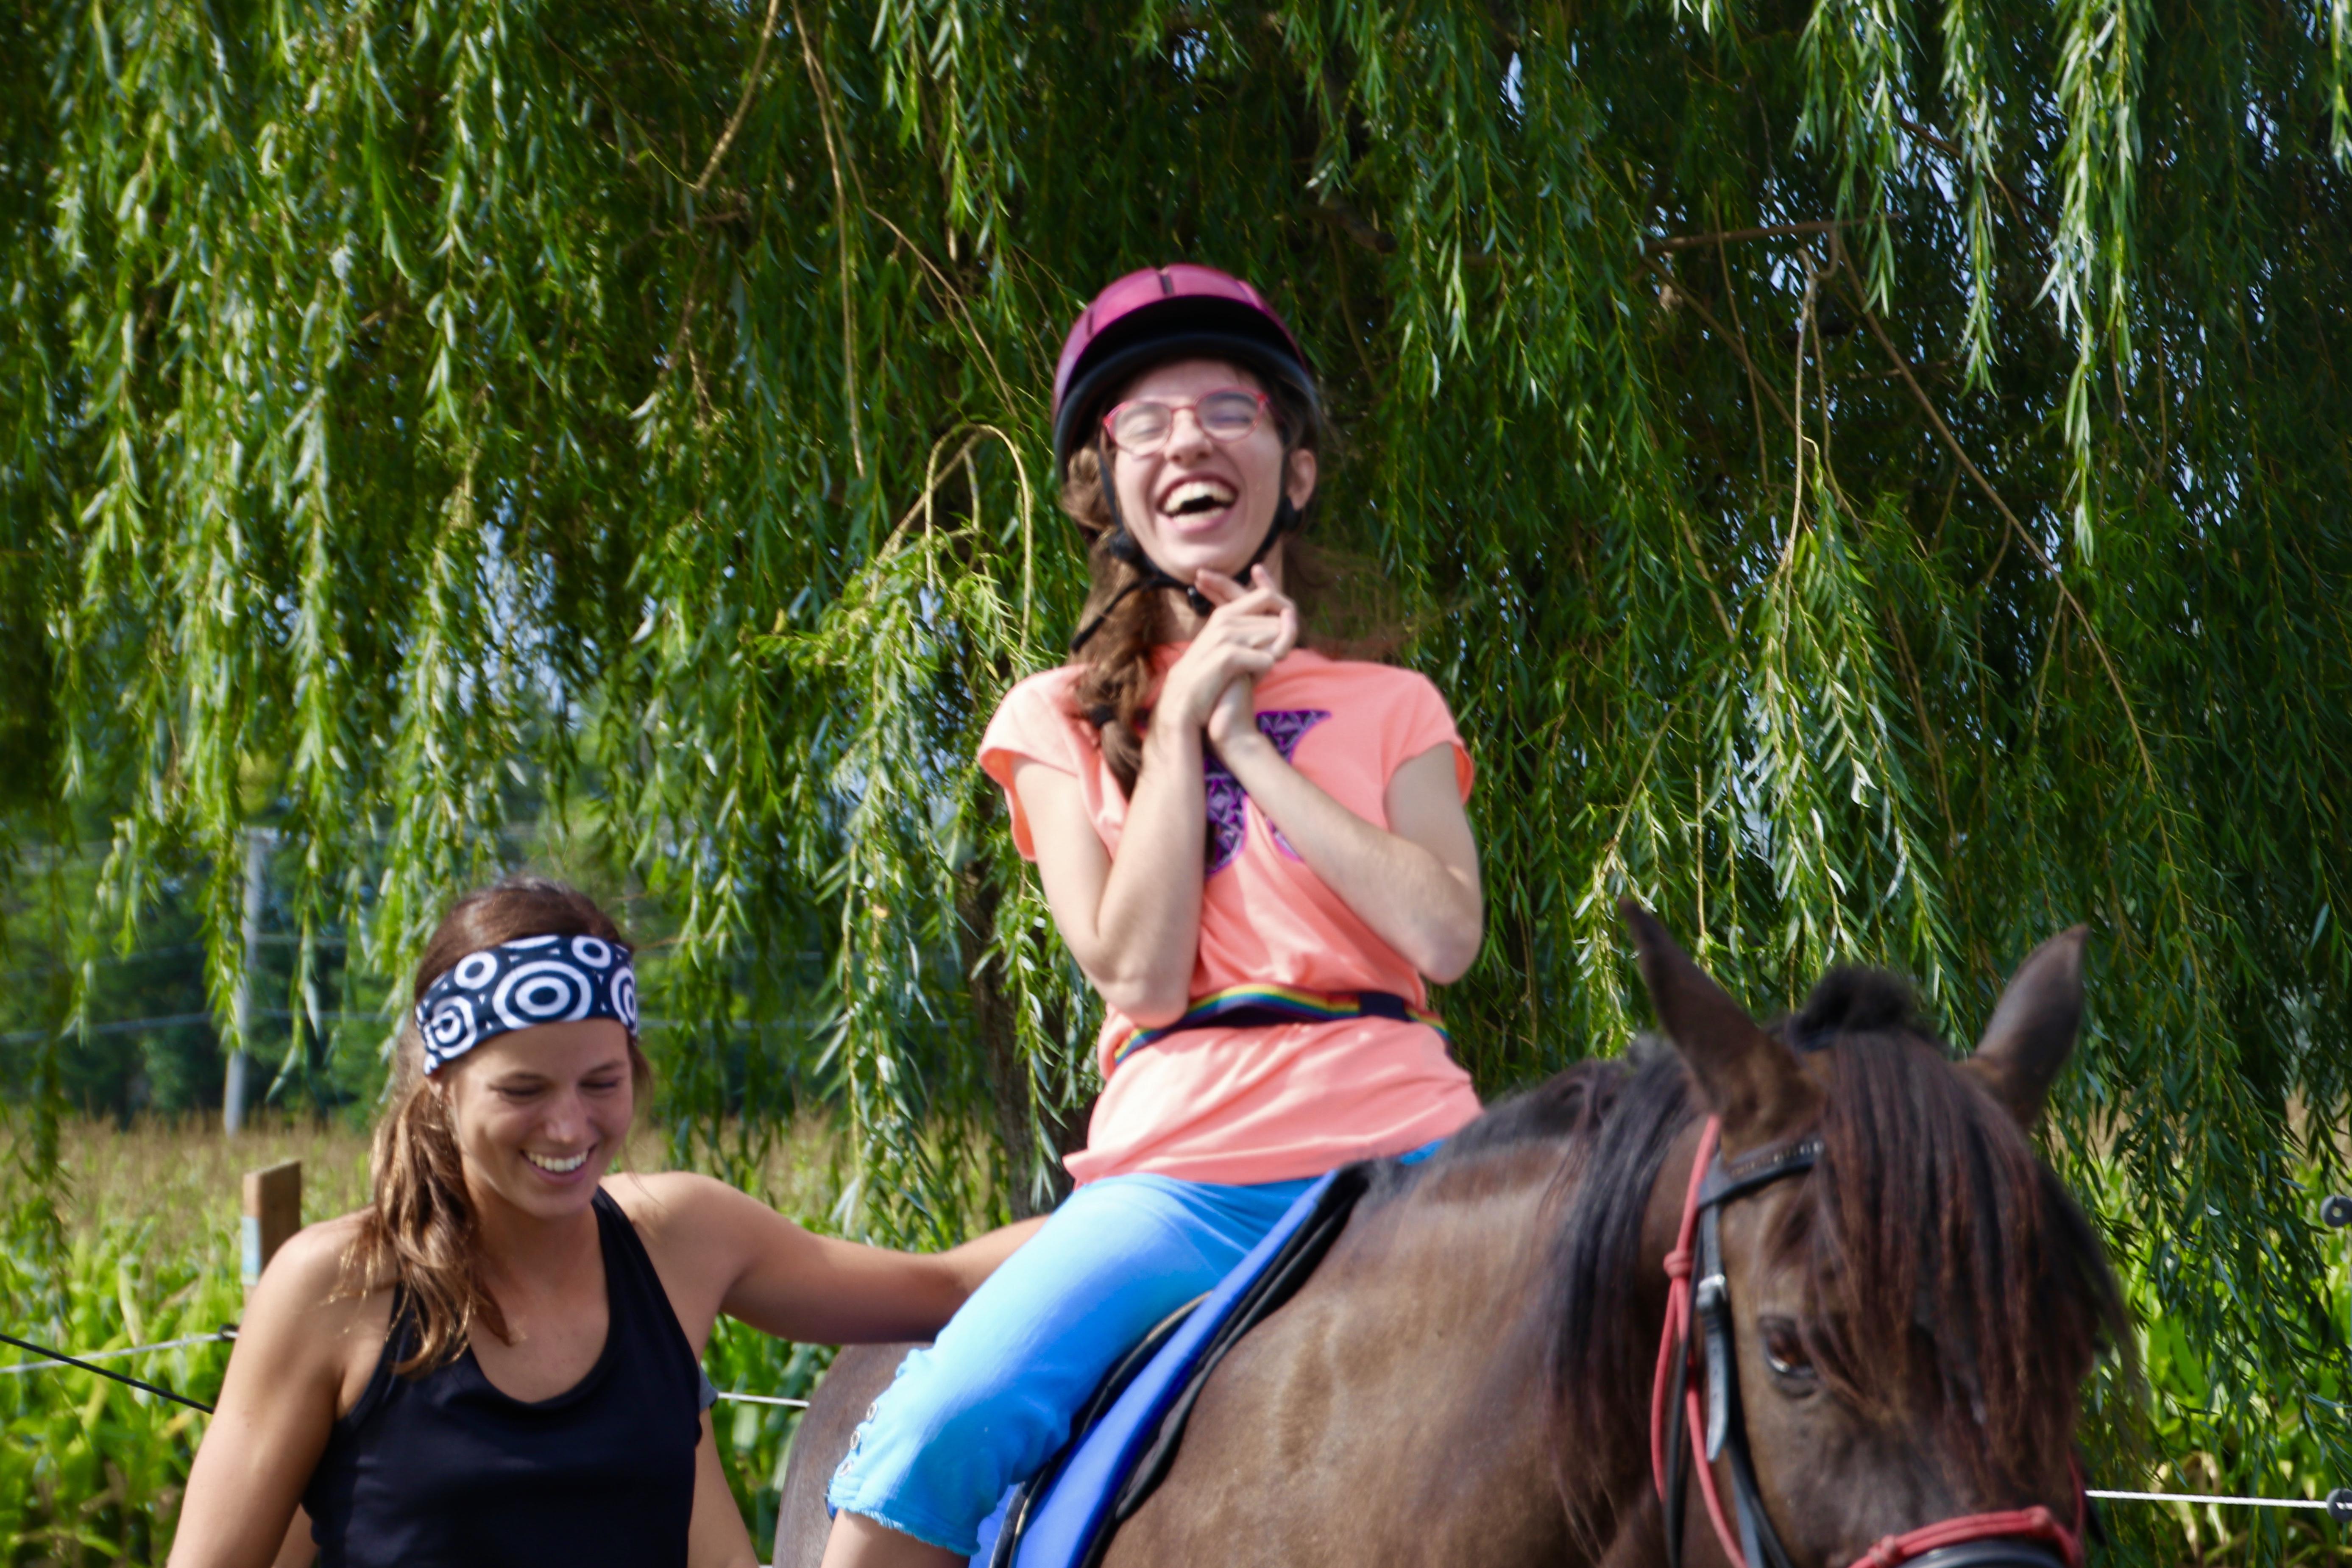 Article de blogue sur l'apport du cheval dans intervention sur particularités sensorielles